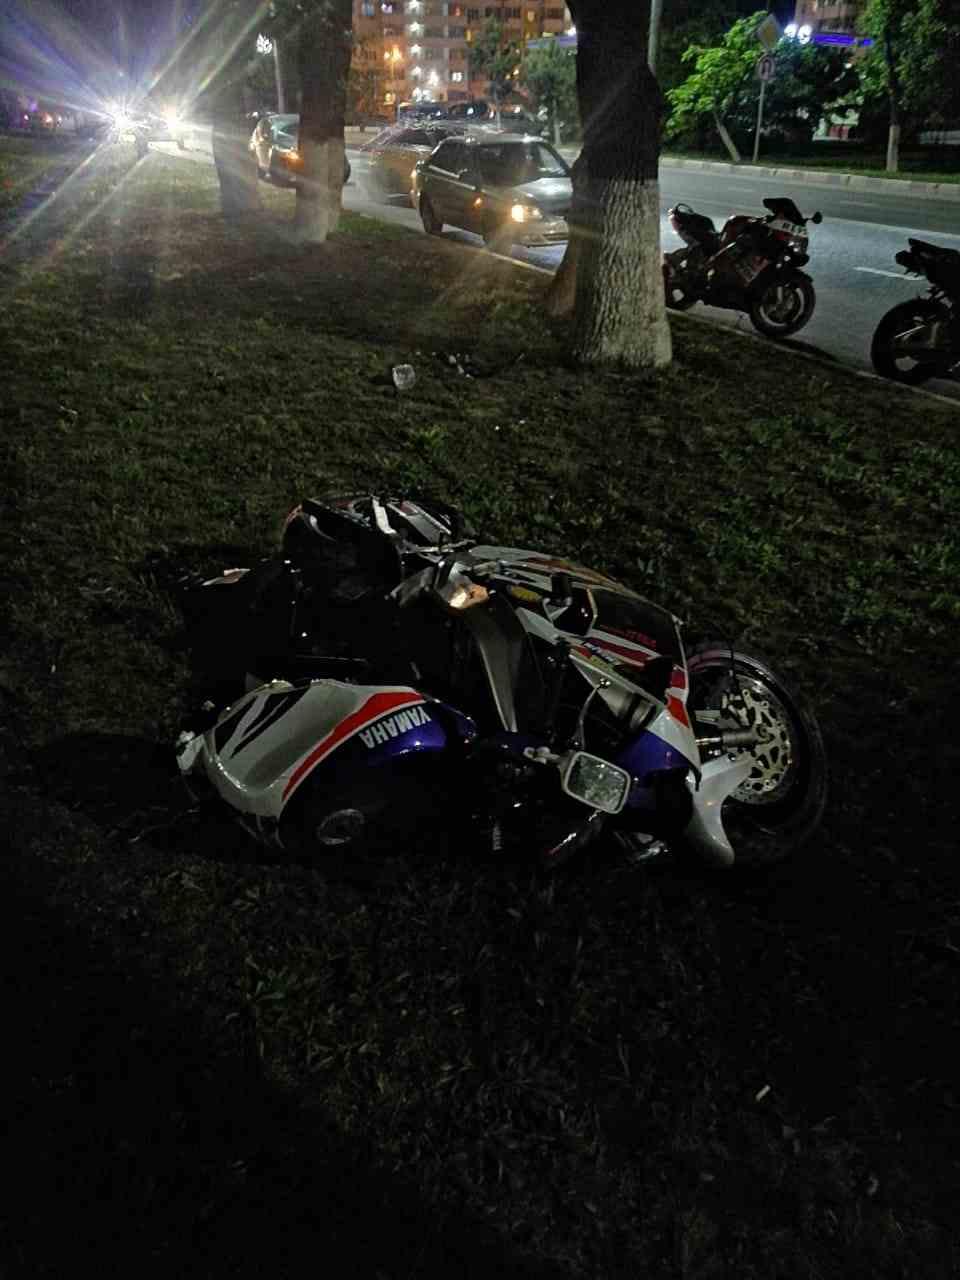 Очередная жертва мотосезона: в Новороссийске разбился мотоциклист